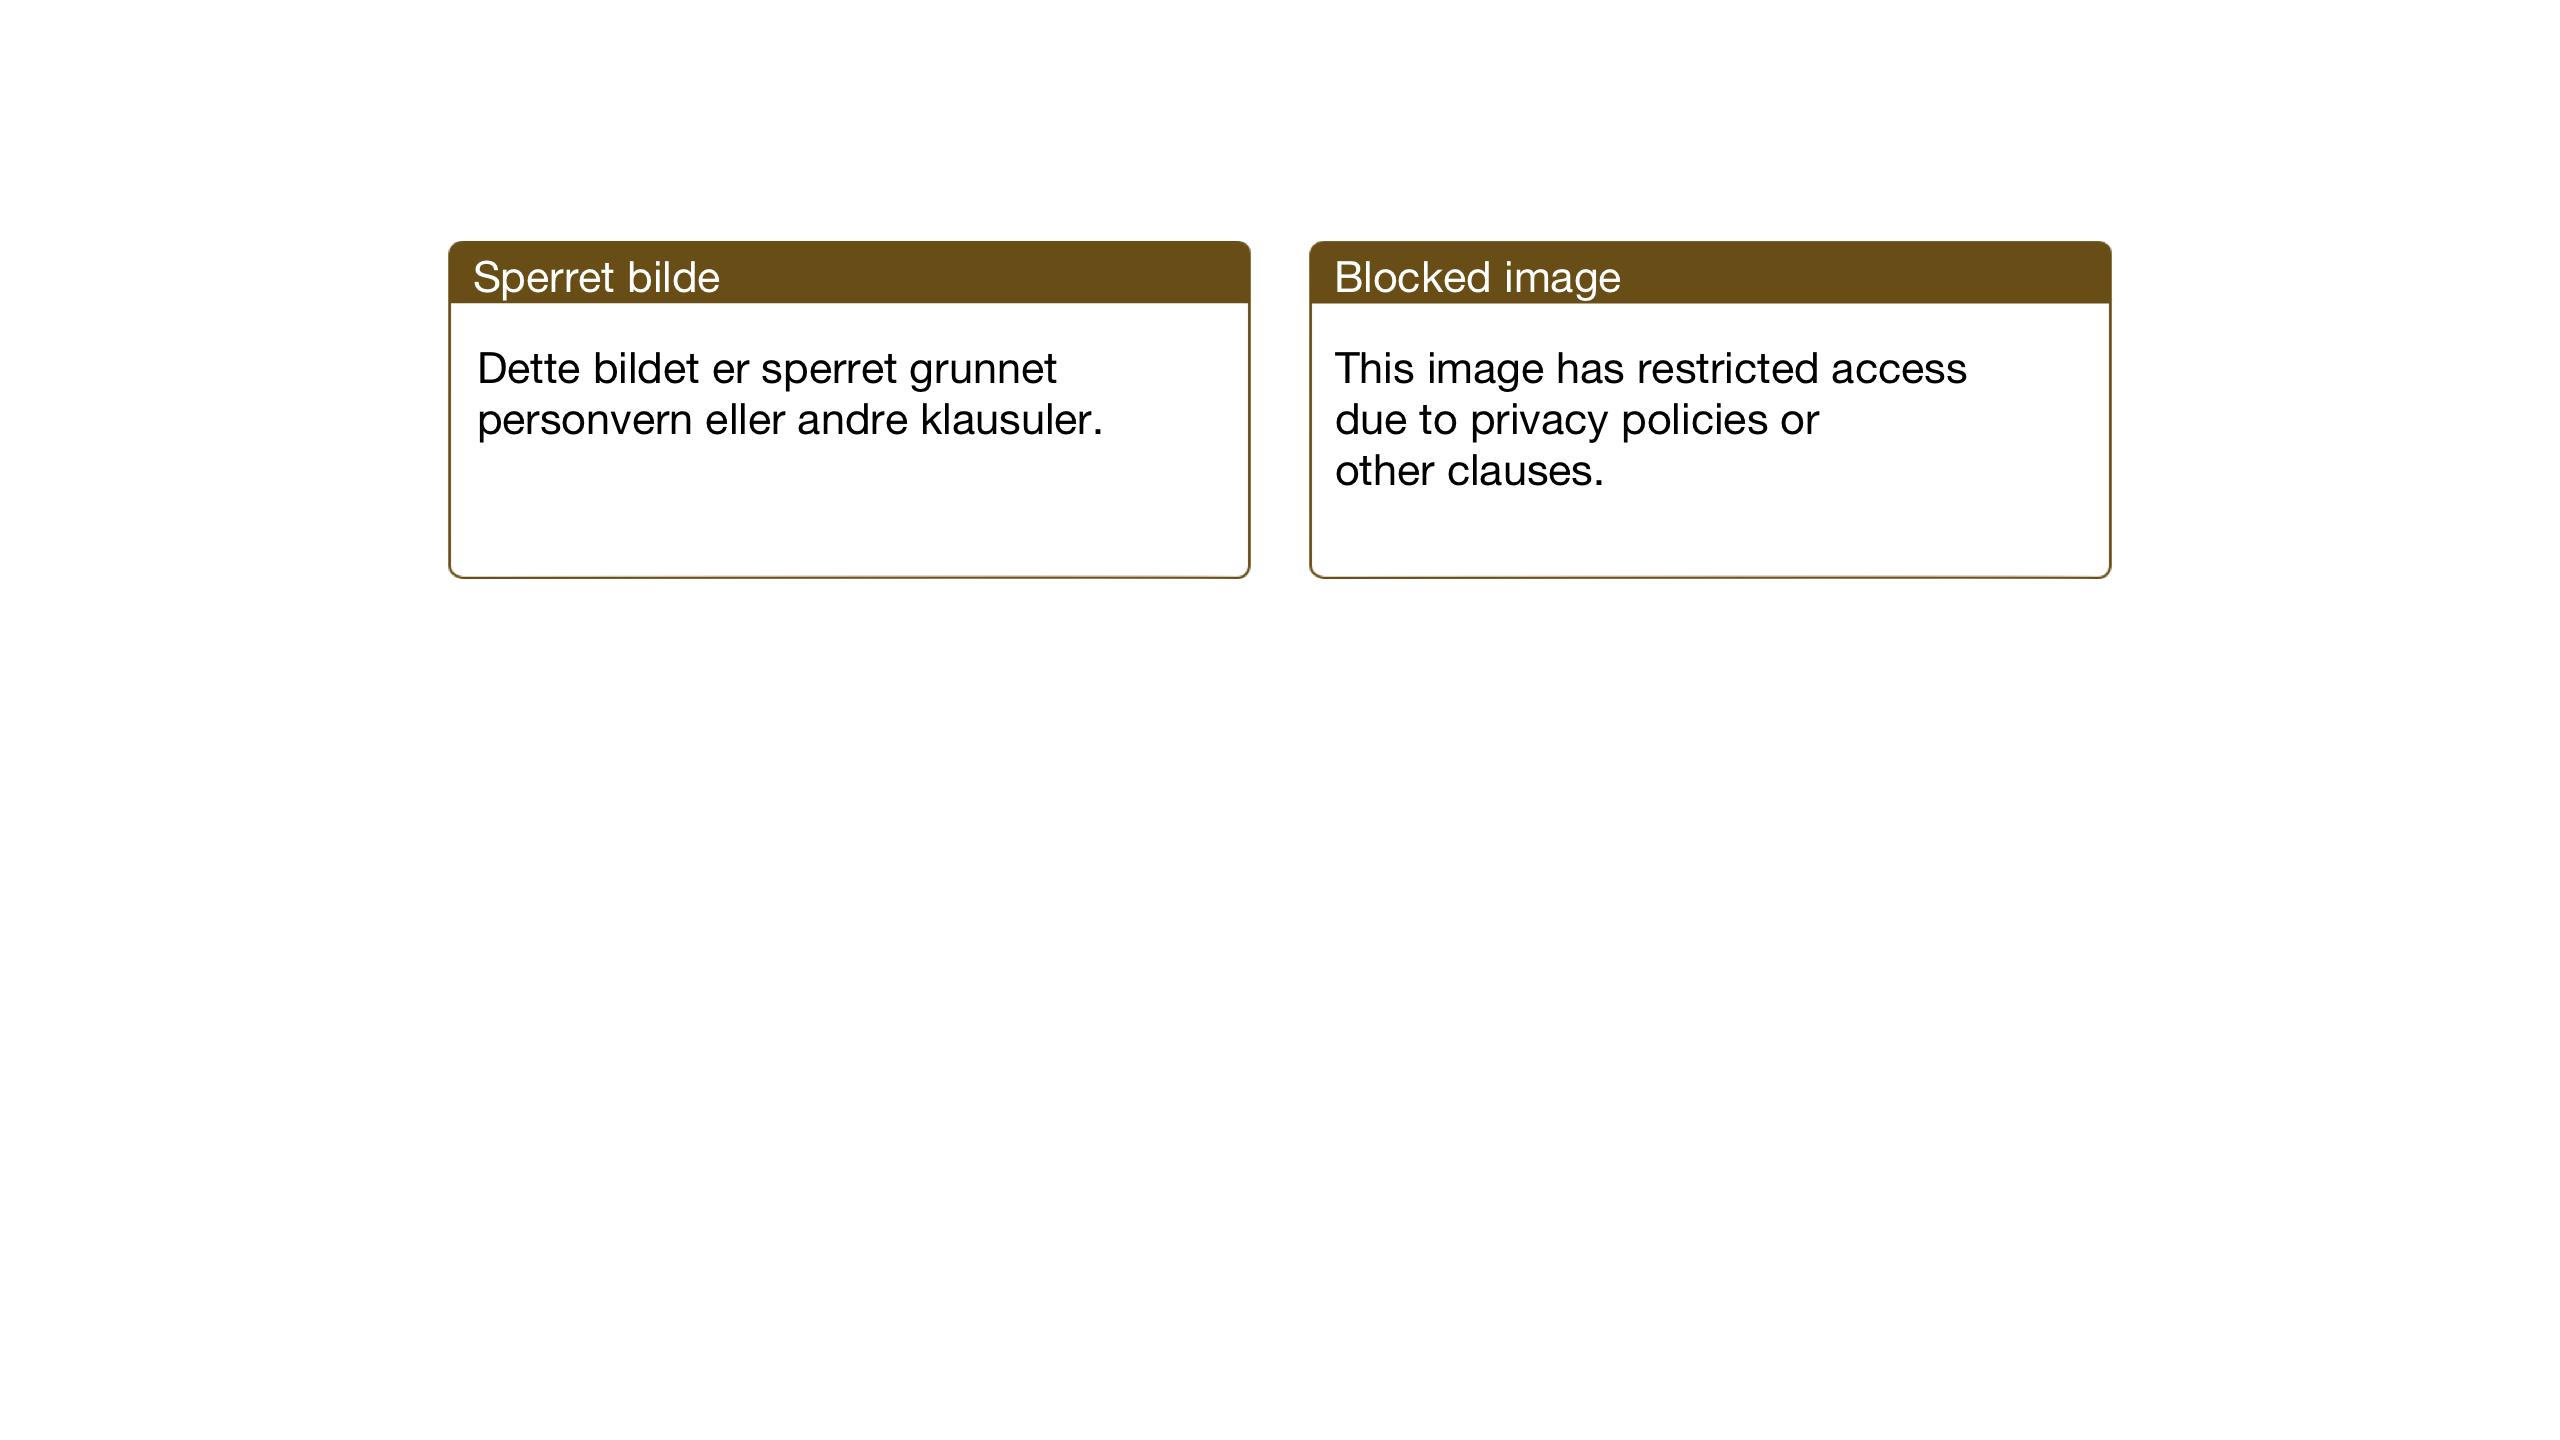 SAT, Ministerialprotokoller, klokkerbøker og fødselsregistre - Sør-Trøndelag, 690/L1053: Klokkerbok nr. 690C03, 1930-1947, s. 20